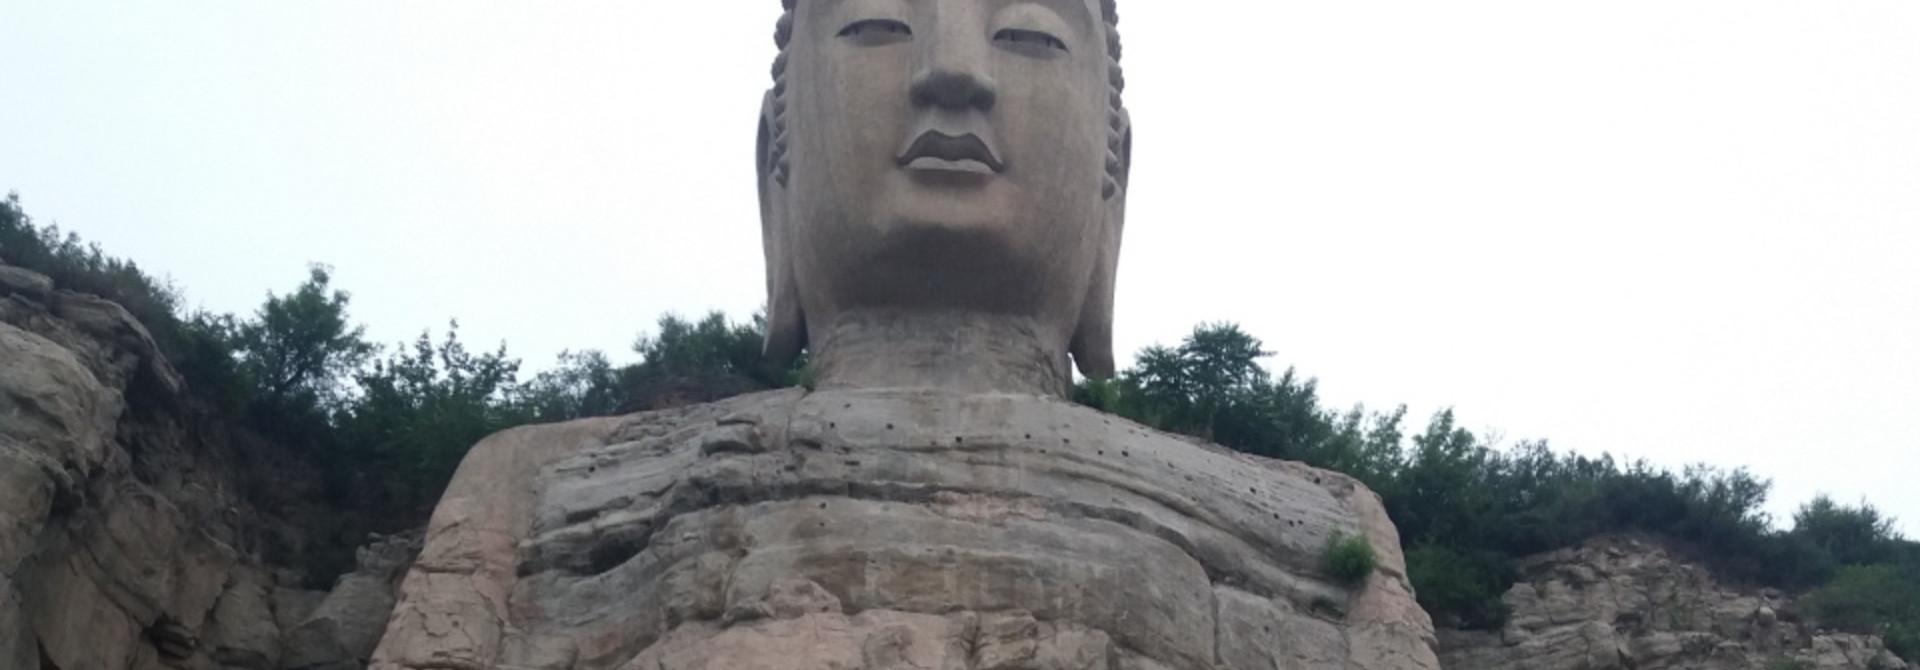 Bezoek aan de Mengshan Giant Buddha!